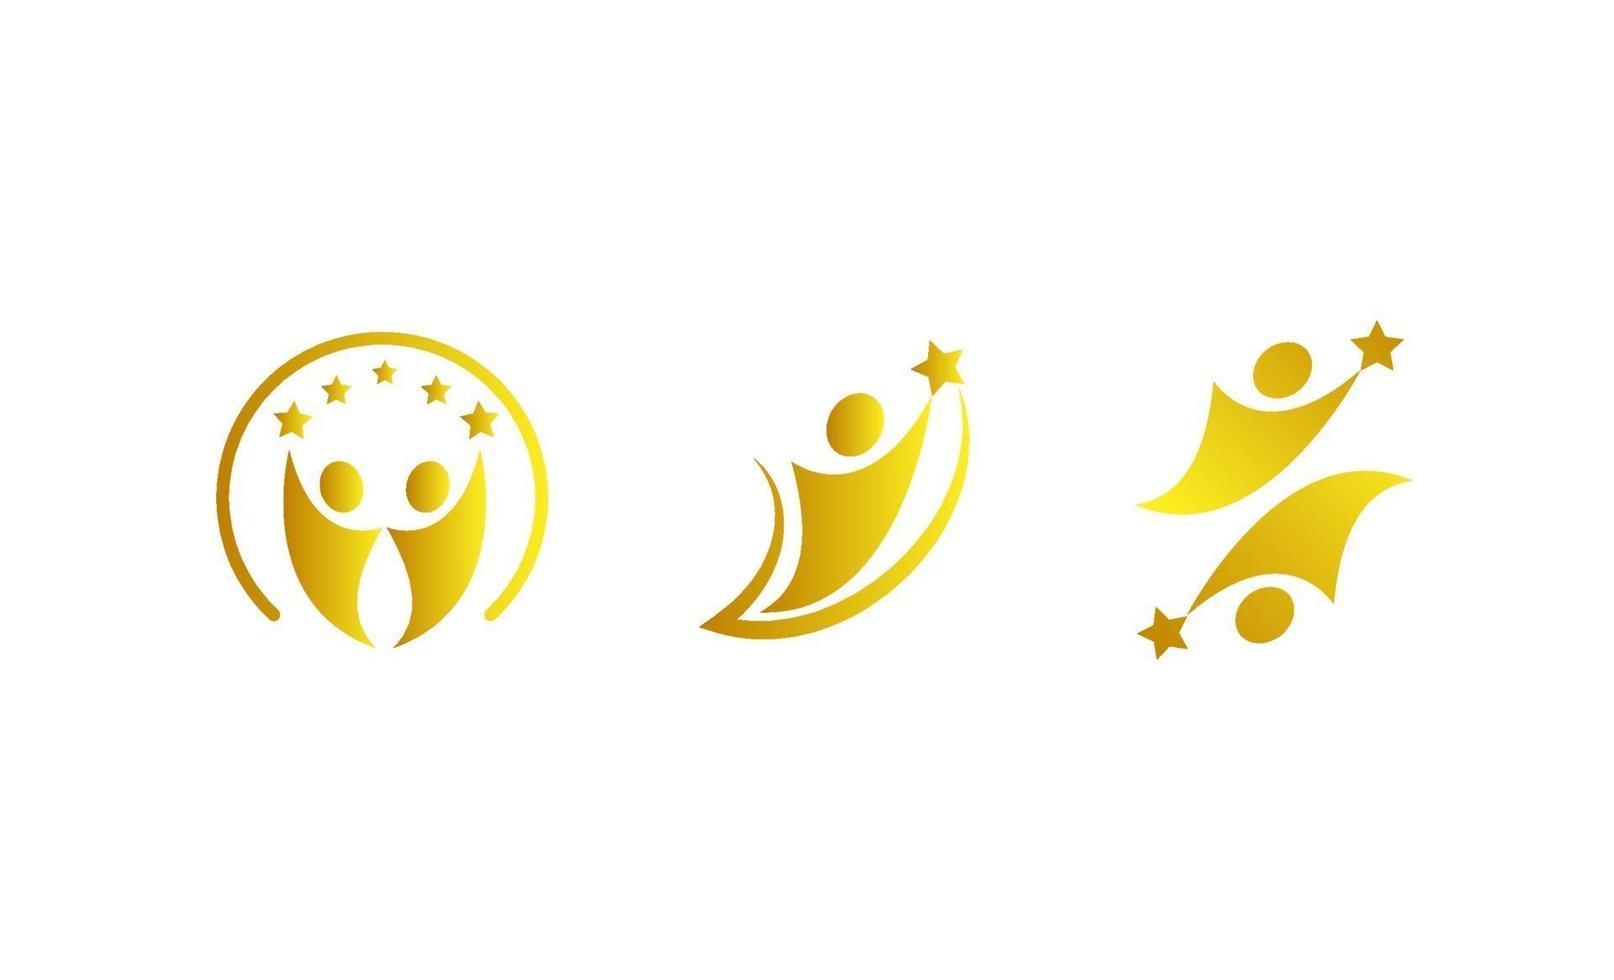 mänsklig get star logo vektor mall illustration